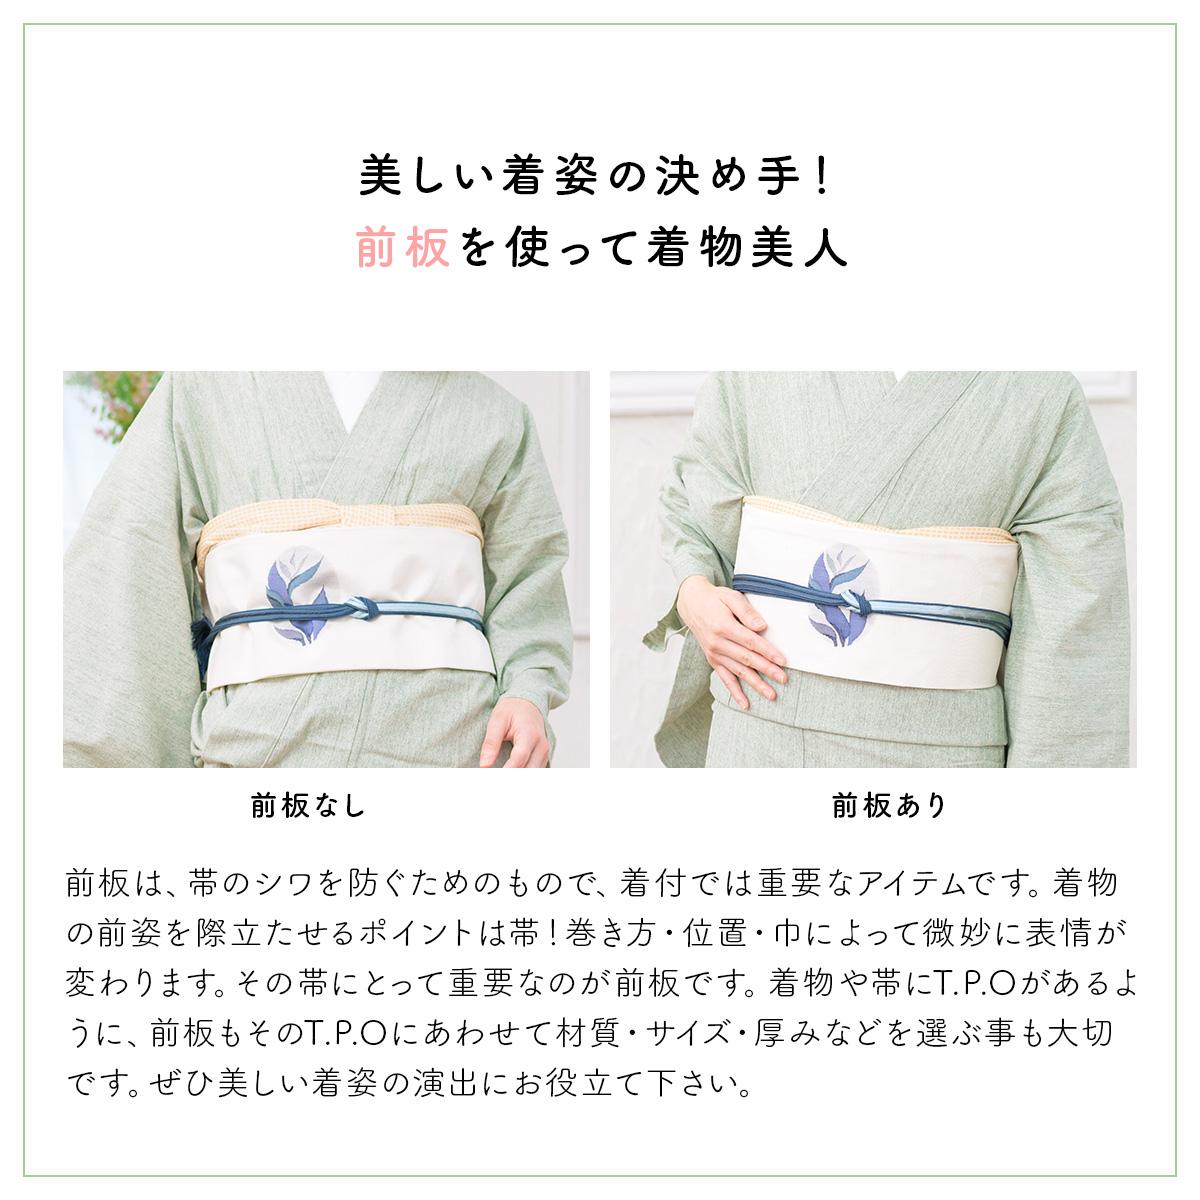 前板,ソフト芯,白,着付け小物,東京すがた,日本製b